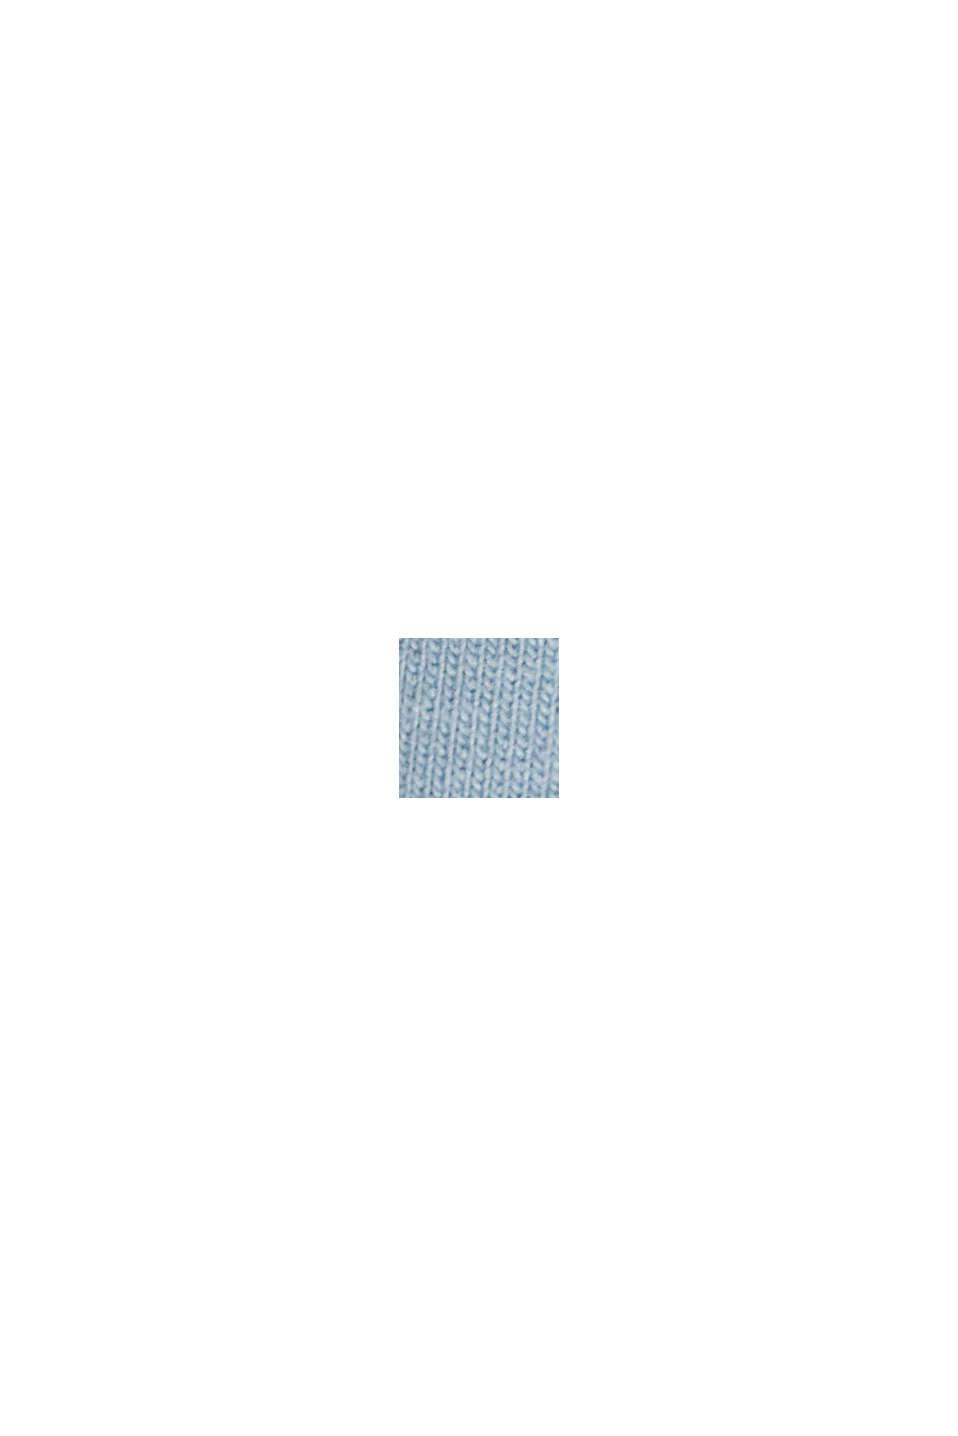 Pantalón jogging de algodón ecológico con componente elástico, PASTEL BLUE, swatch